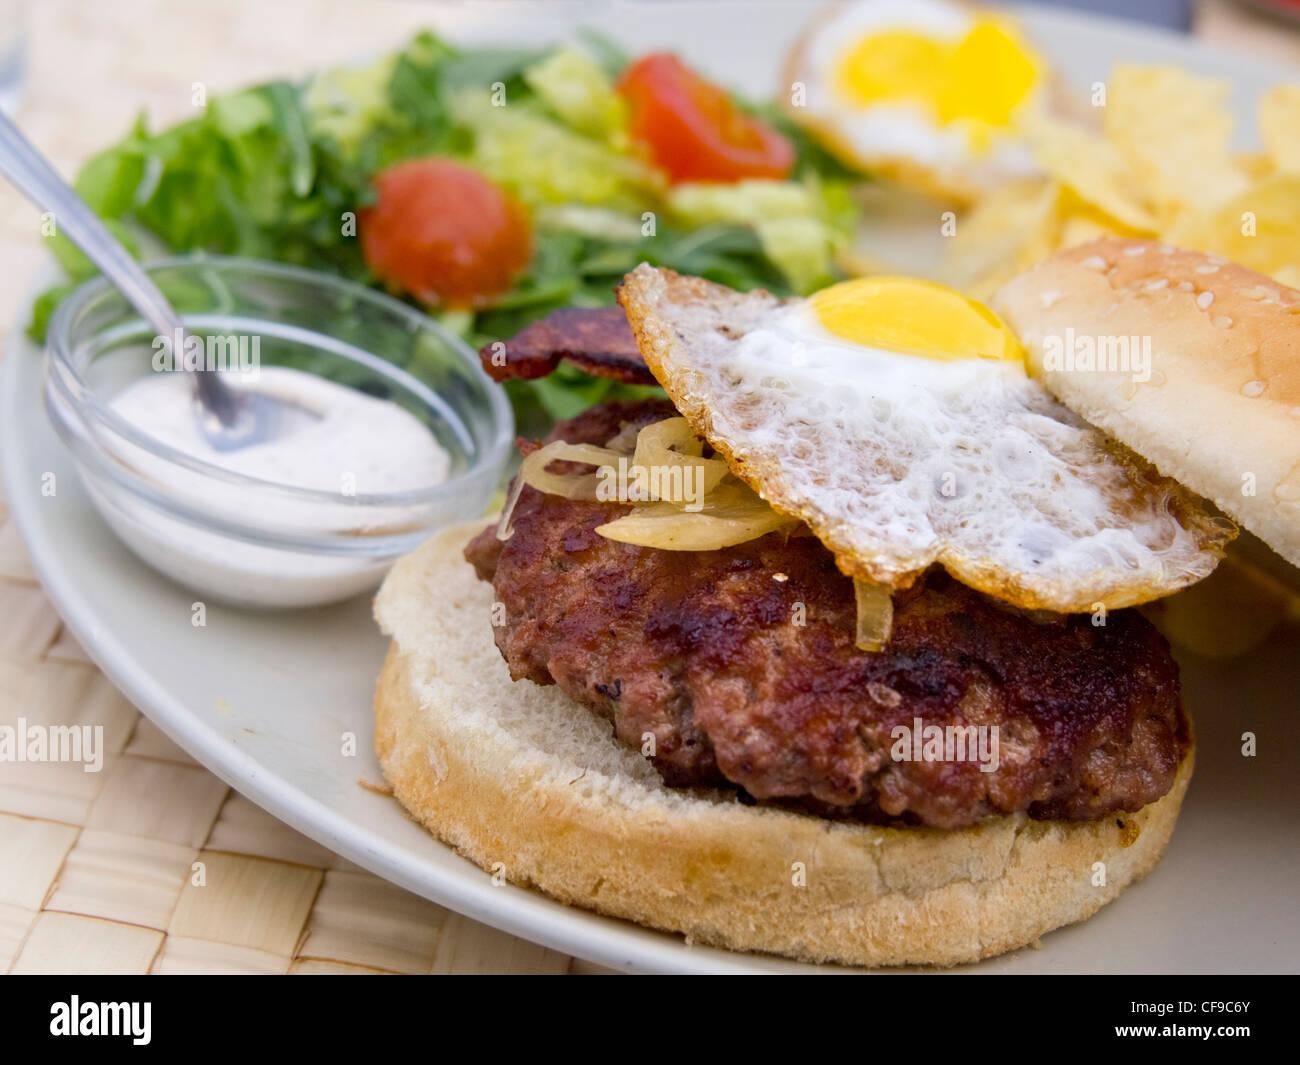 Gegrillte Hamburger mit Spiegelei und Salat Stockbild